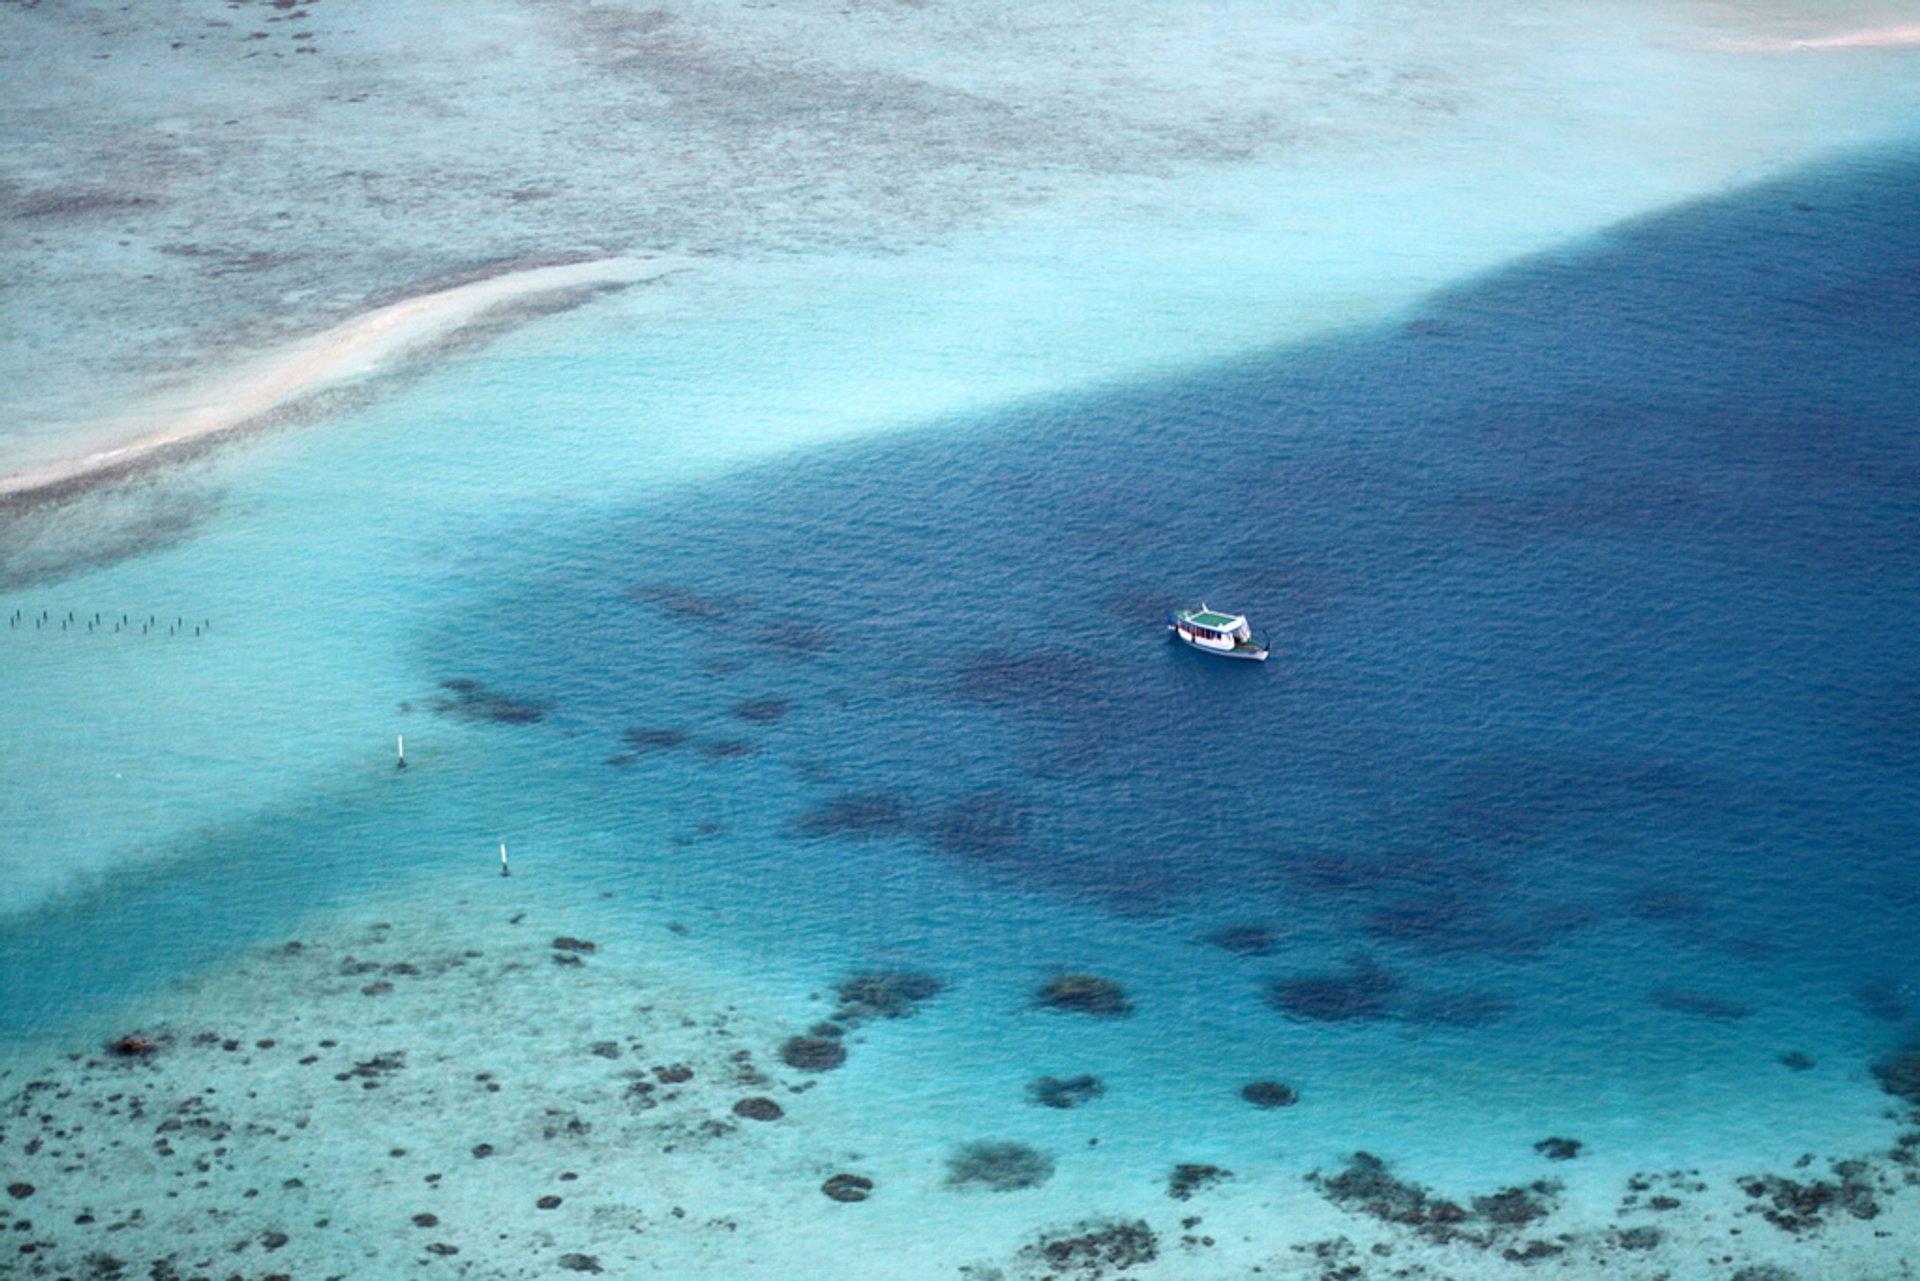 Boating in Maldives - Best Season 2019